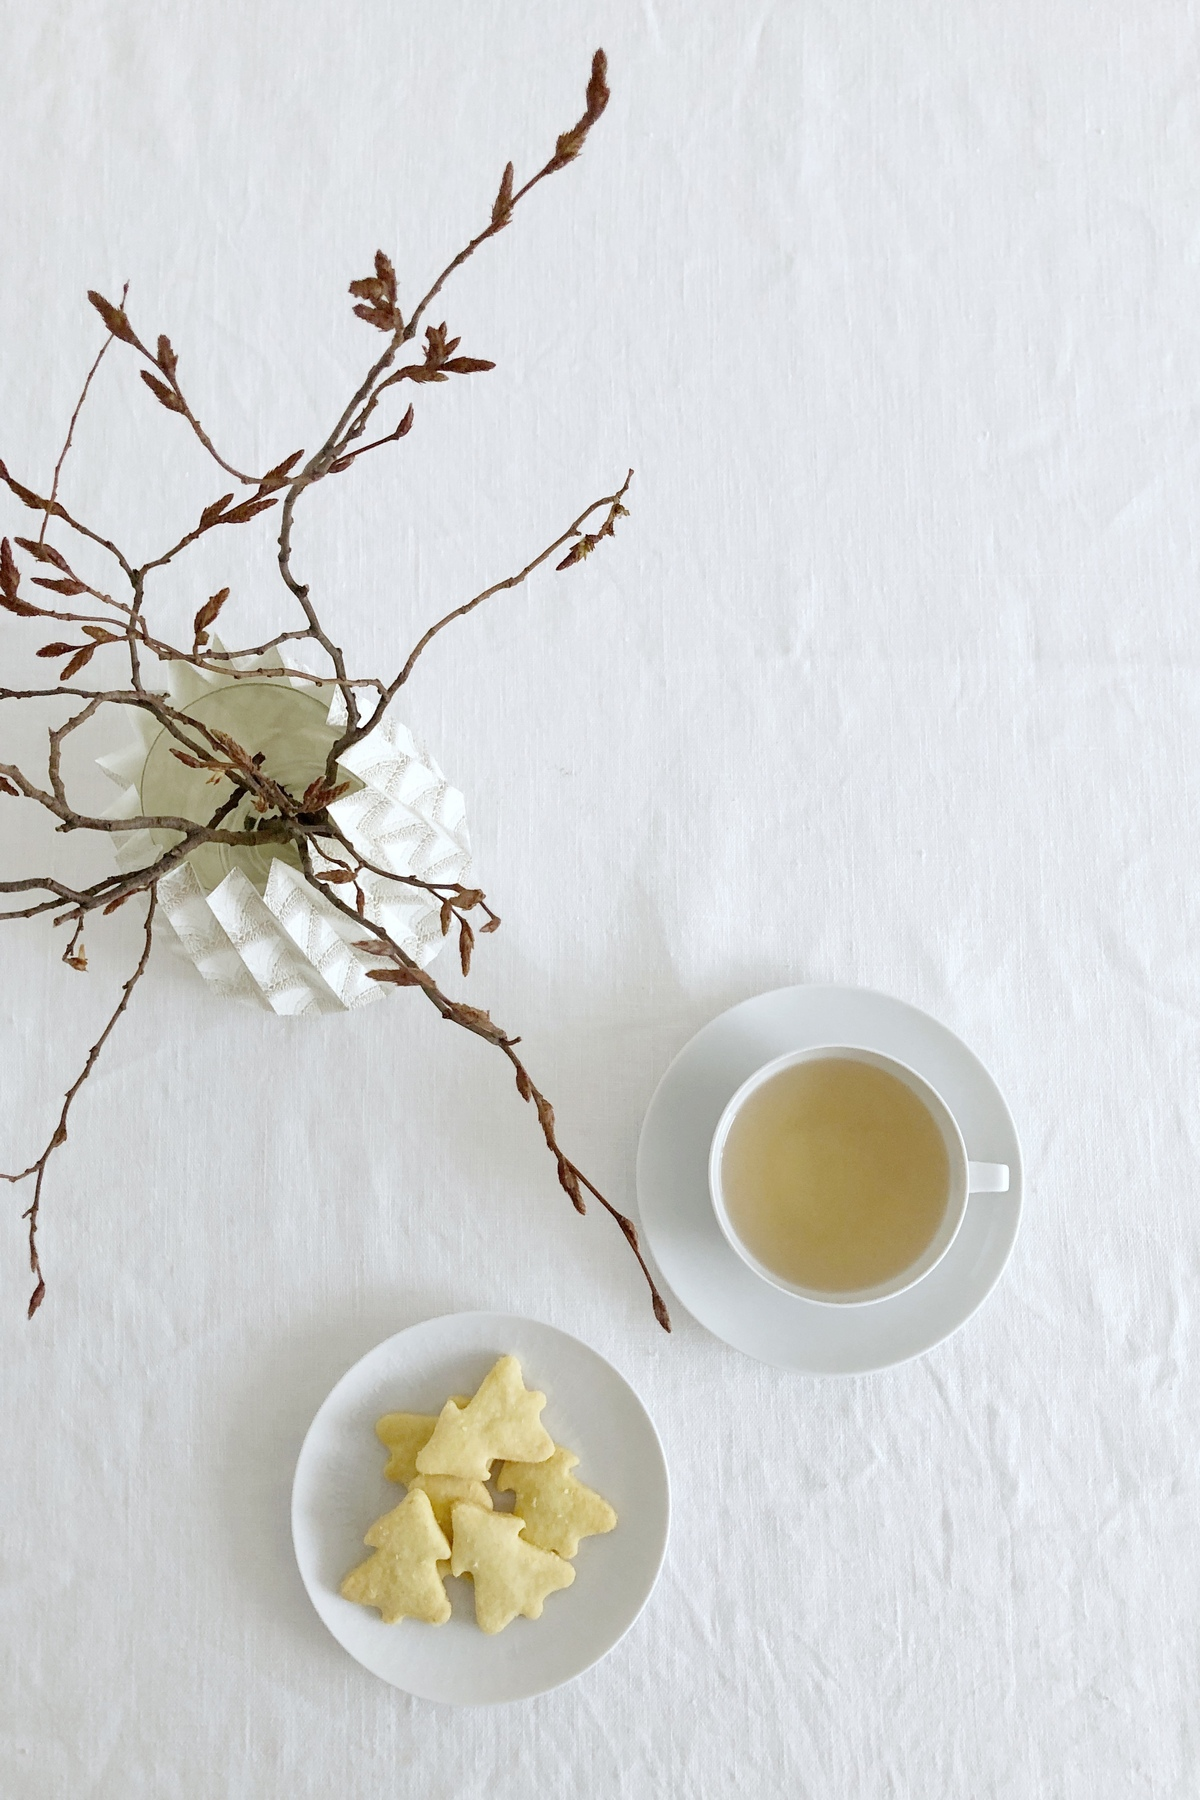 Mürbe Tannen und weißes Porzellan zur Teatime